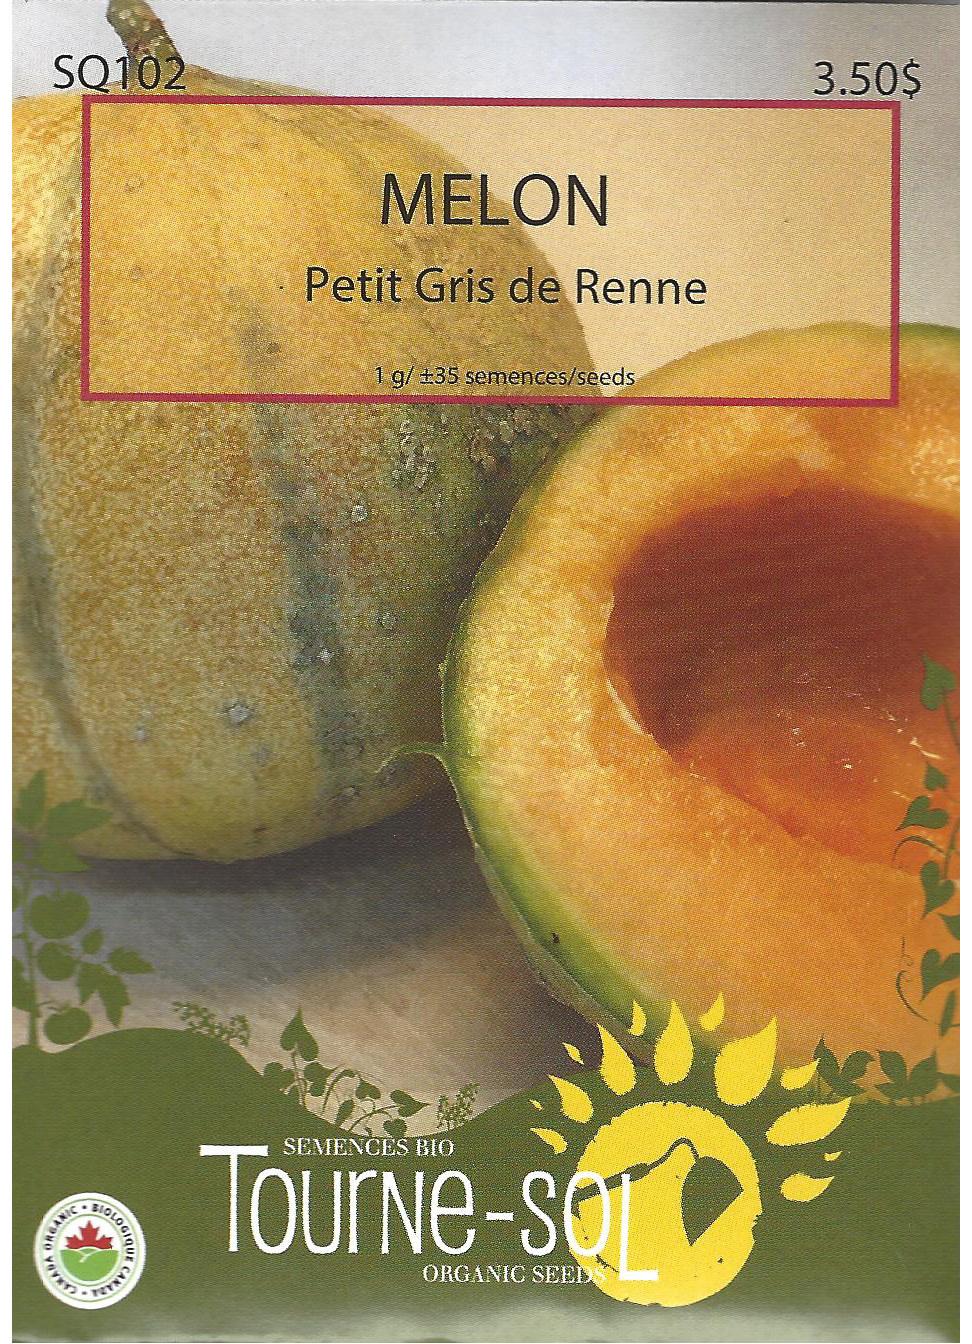 Semence Tourne-sol Melon Petit Gris De Renne